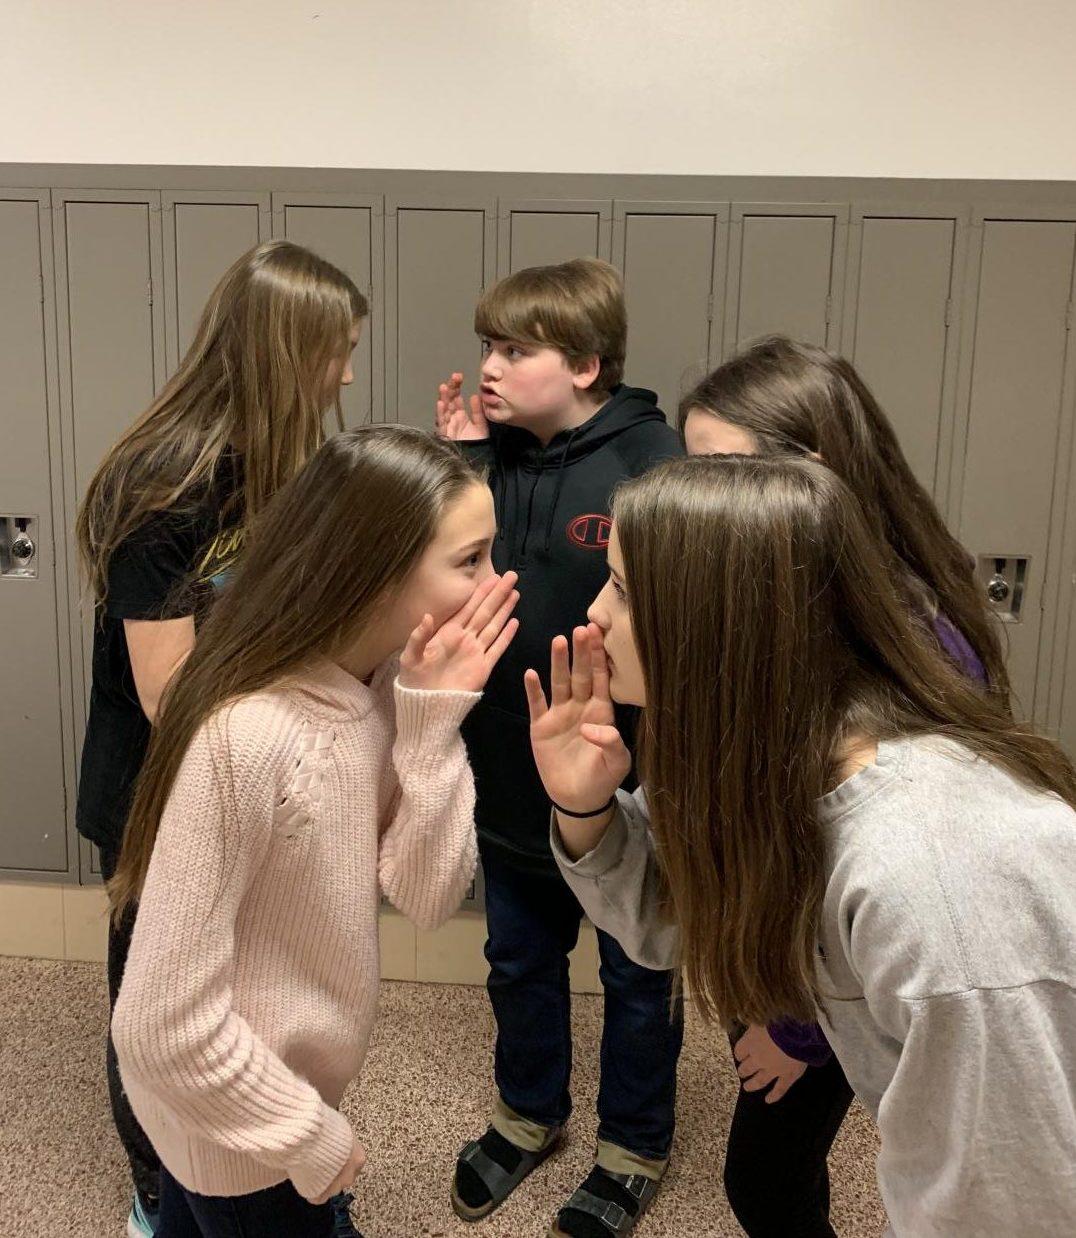 Journalism student acting common hallway behavior.